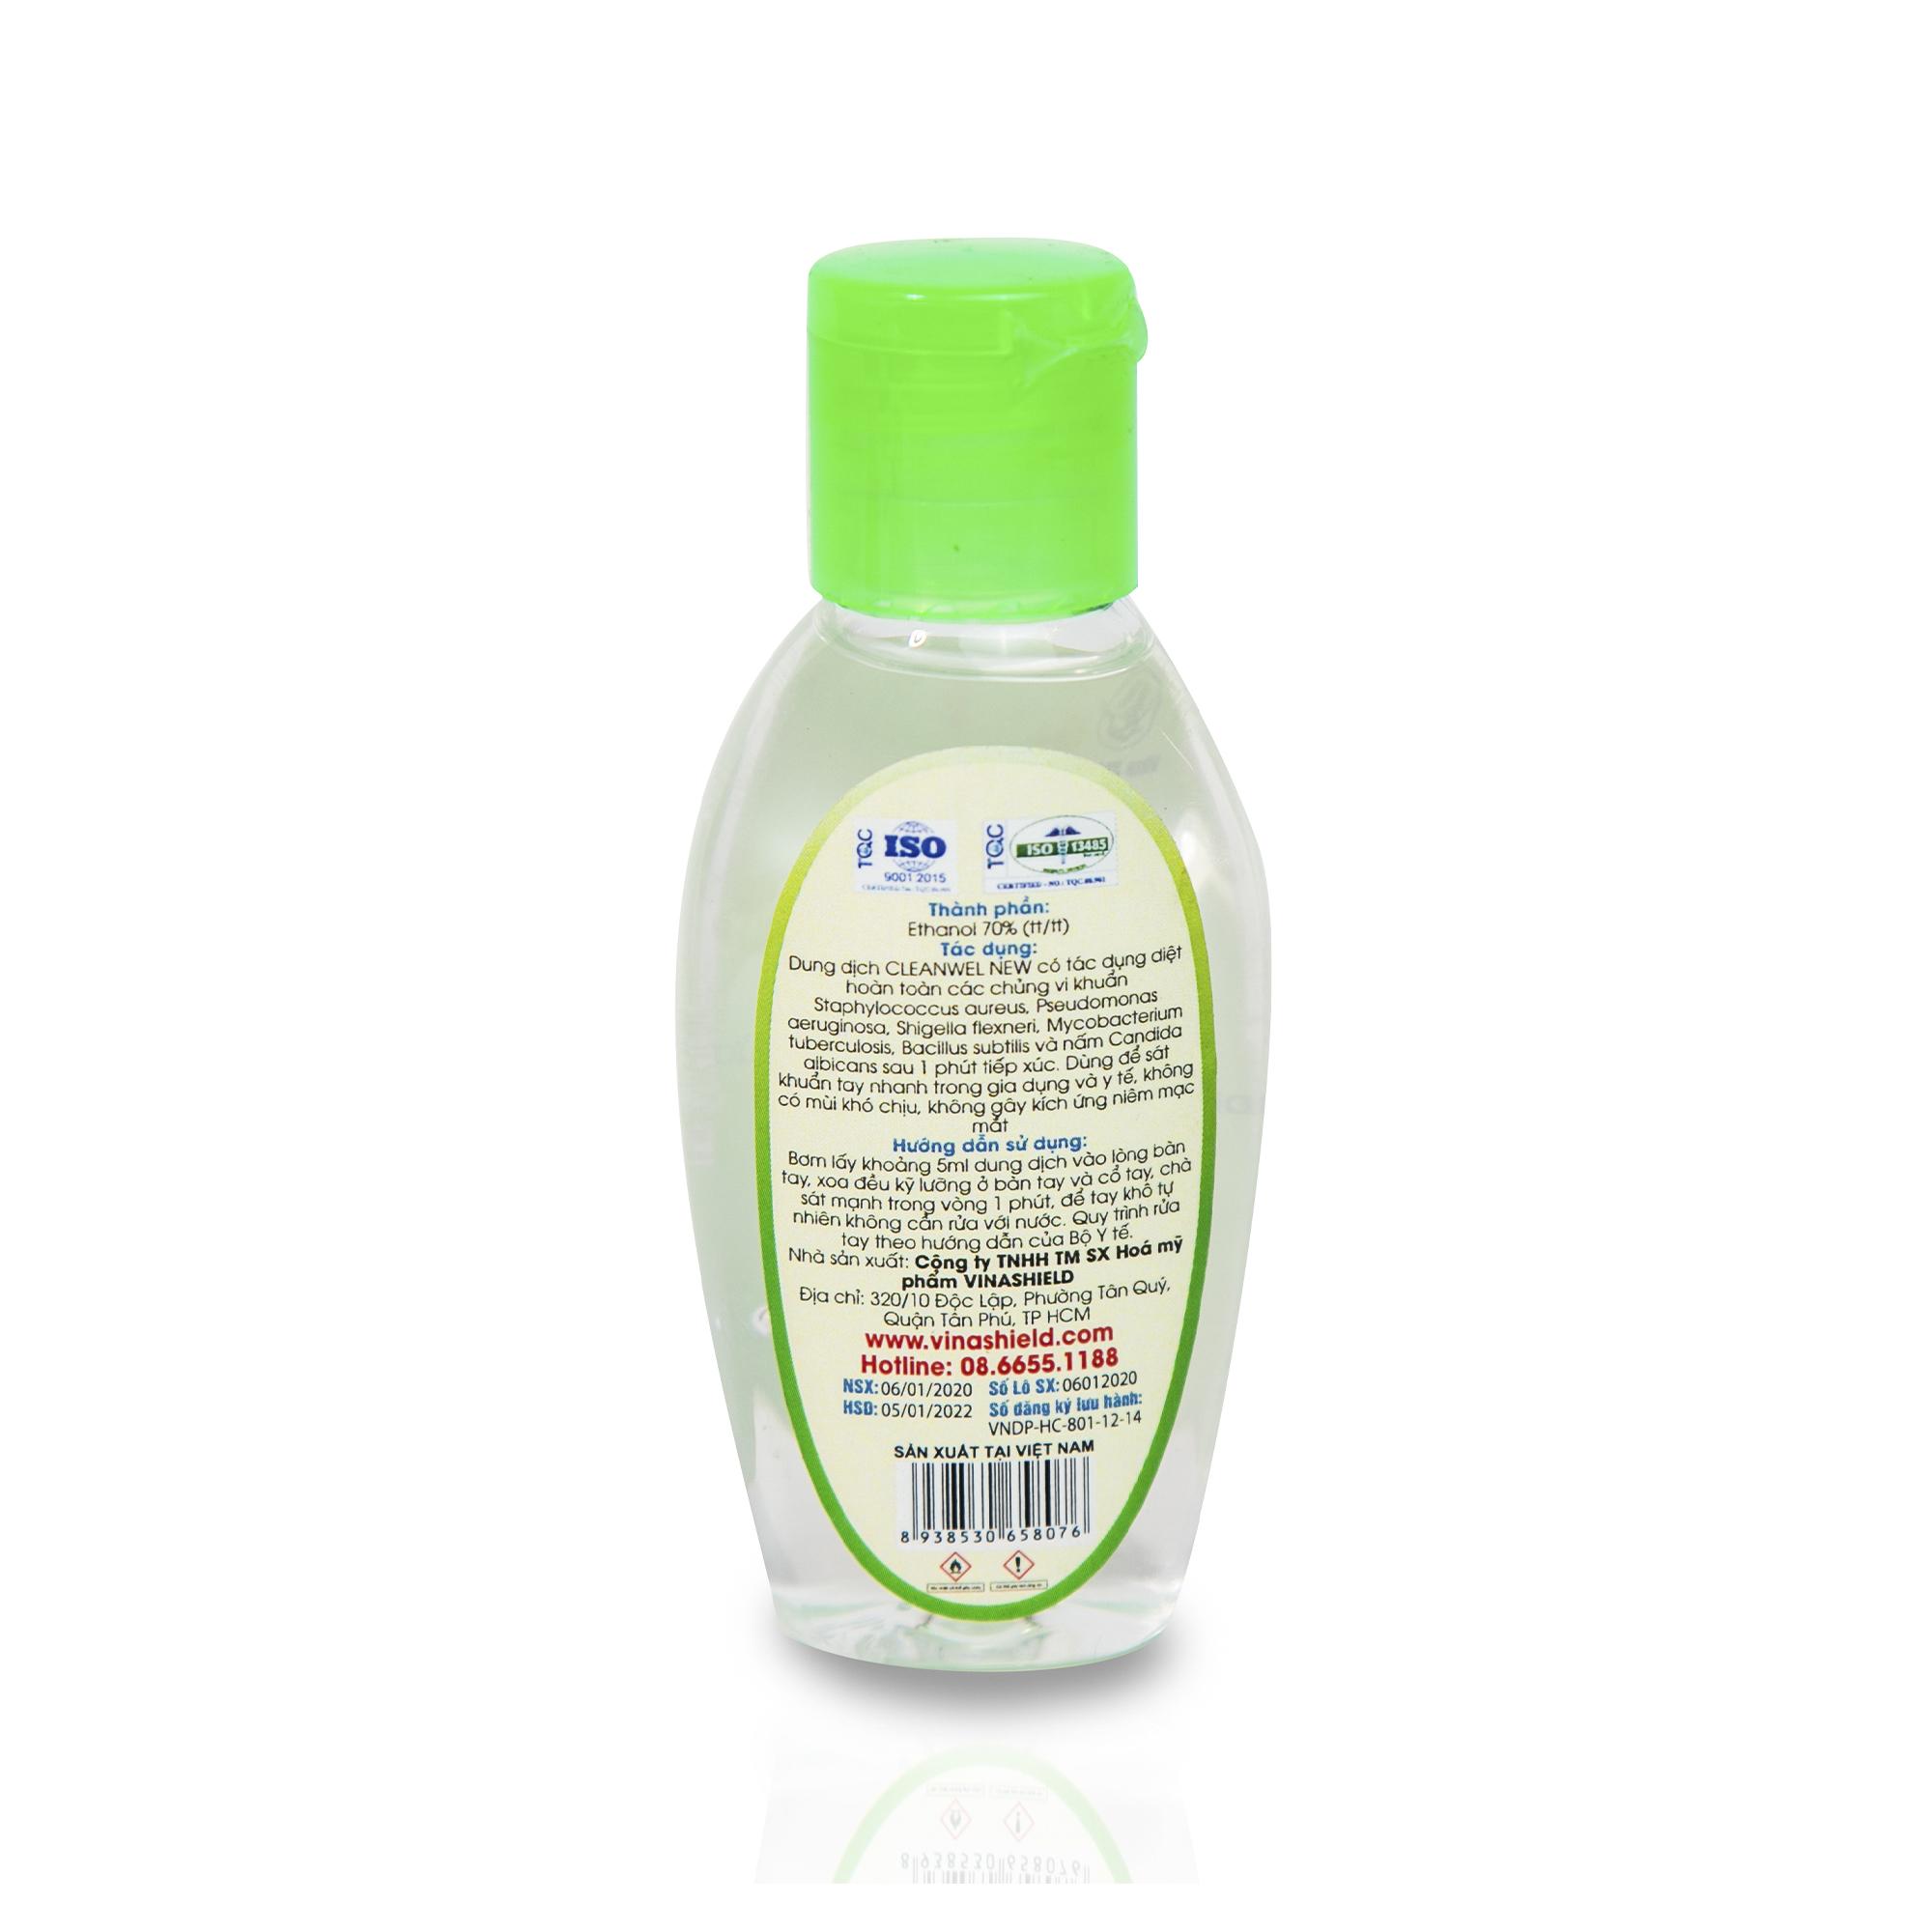 Dung dịch sát khuẩn tay nhanh CLEANWEL NEW - 50 ml chai Oval nắp bật